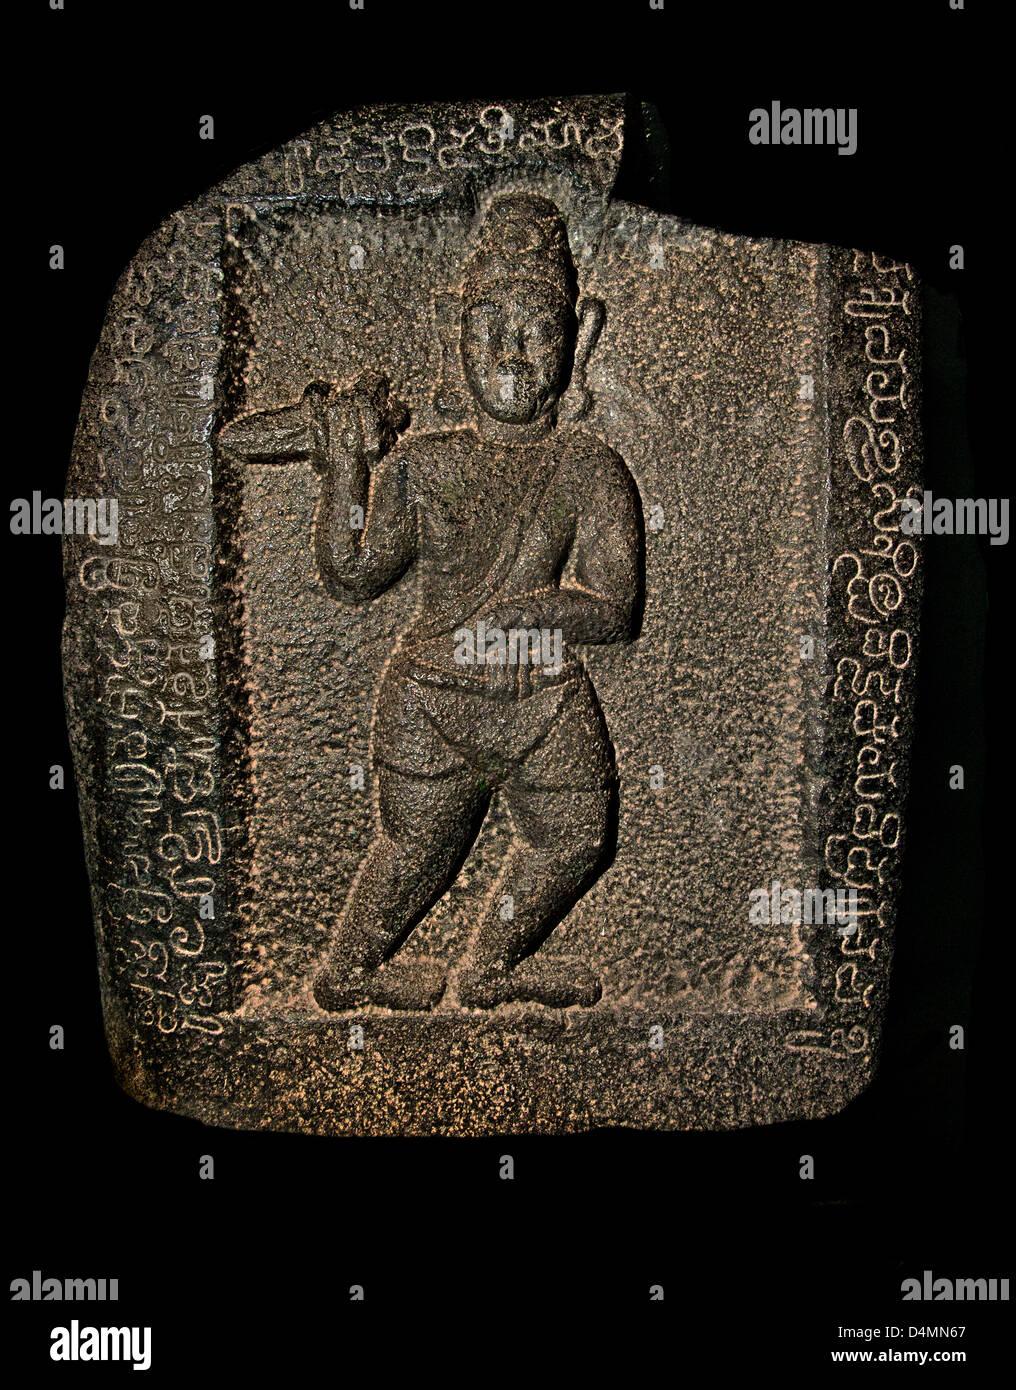 Pierre héros guerrier avec épée 7e siècle hindou Inde Nellore Photo Stock